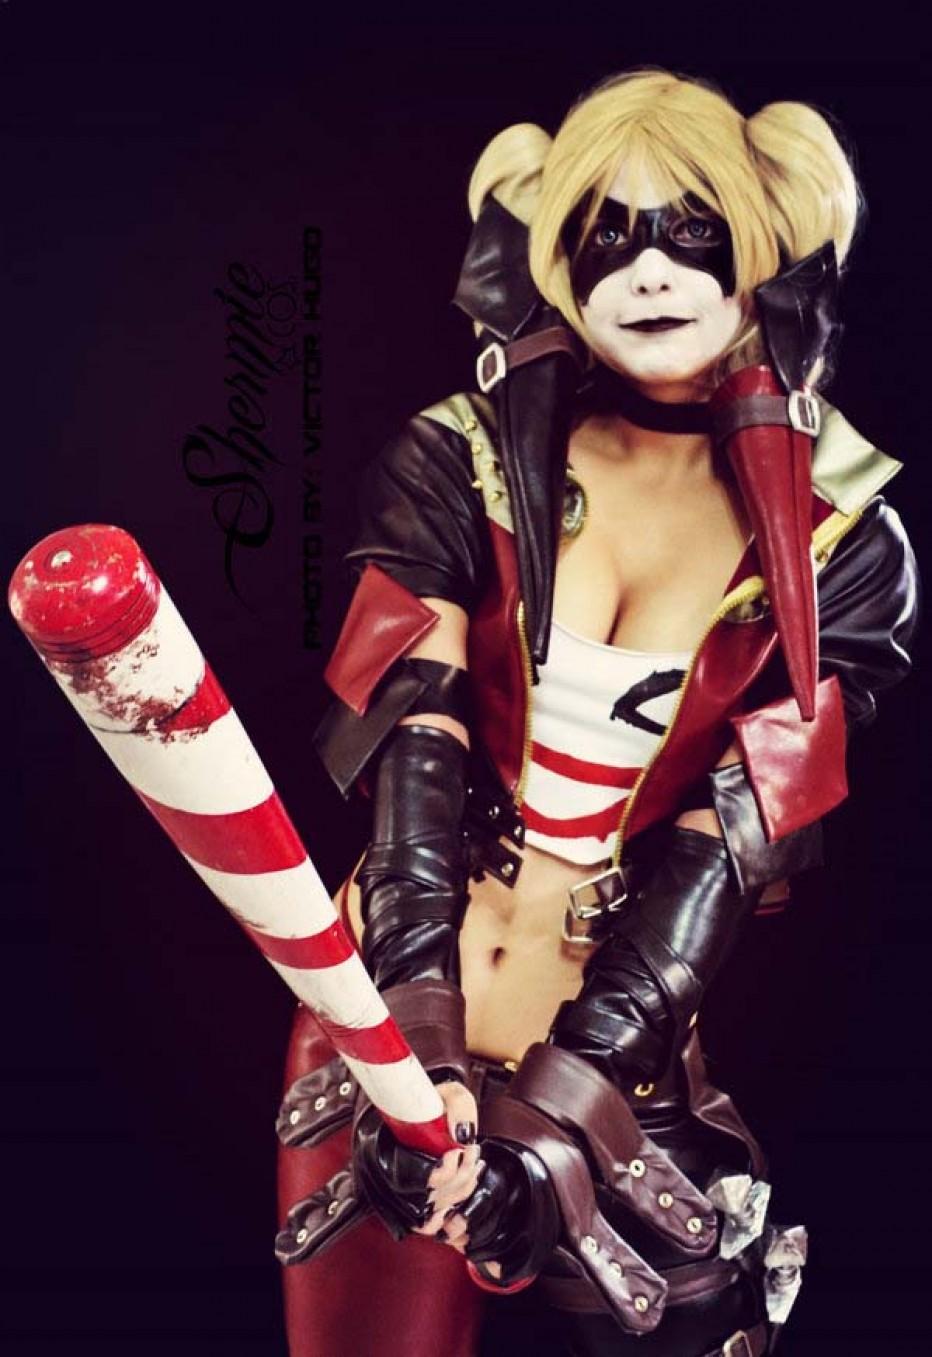 Harley-Quinn-Cosplay-Gamers-Heroes-7.jpg